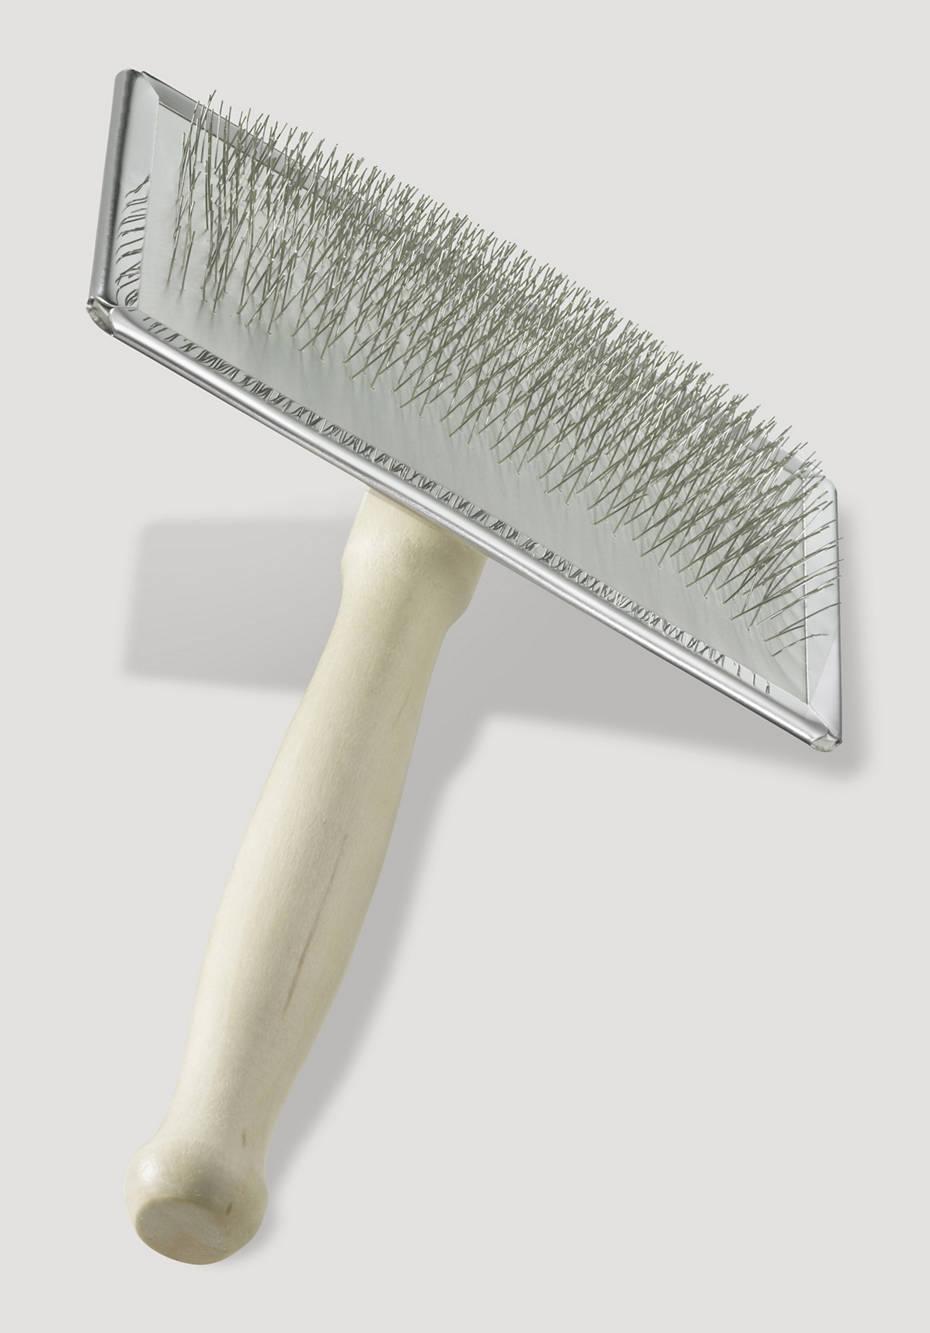 Lambskin brush